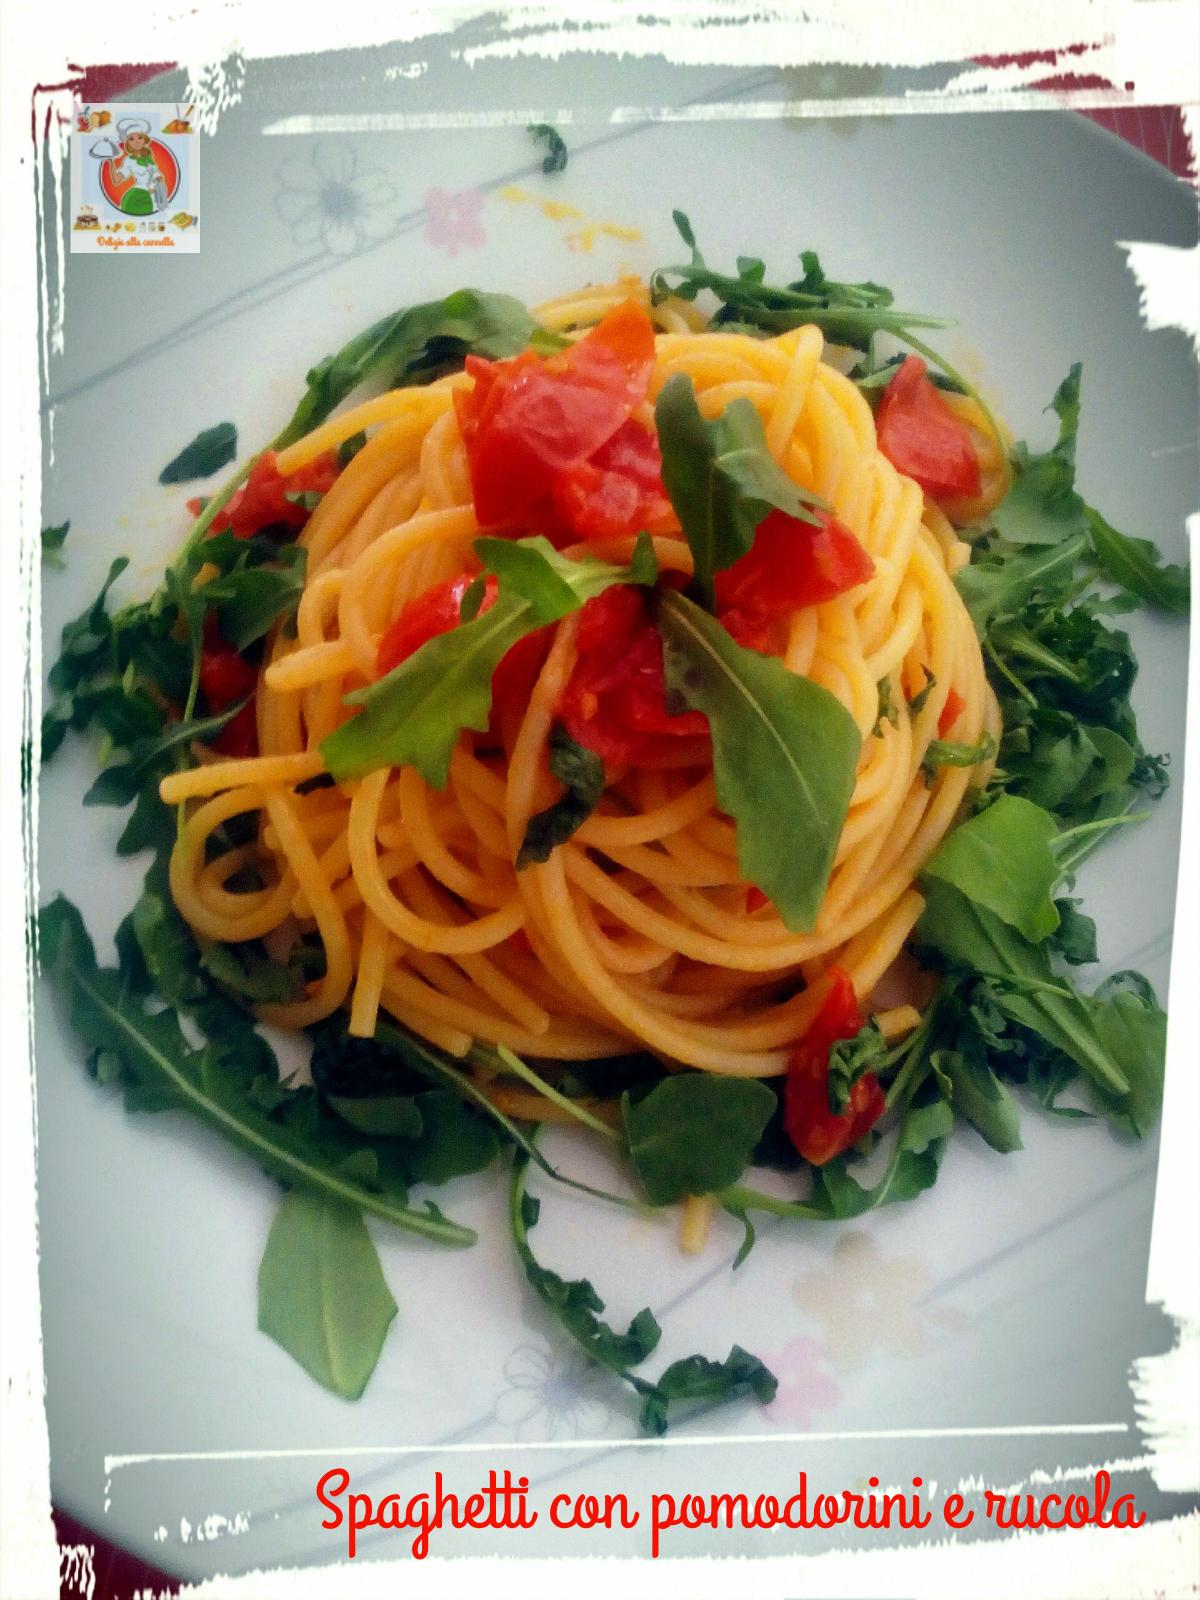 spaghetti con pomodorini e rucola